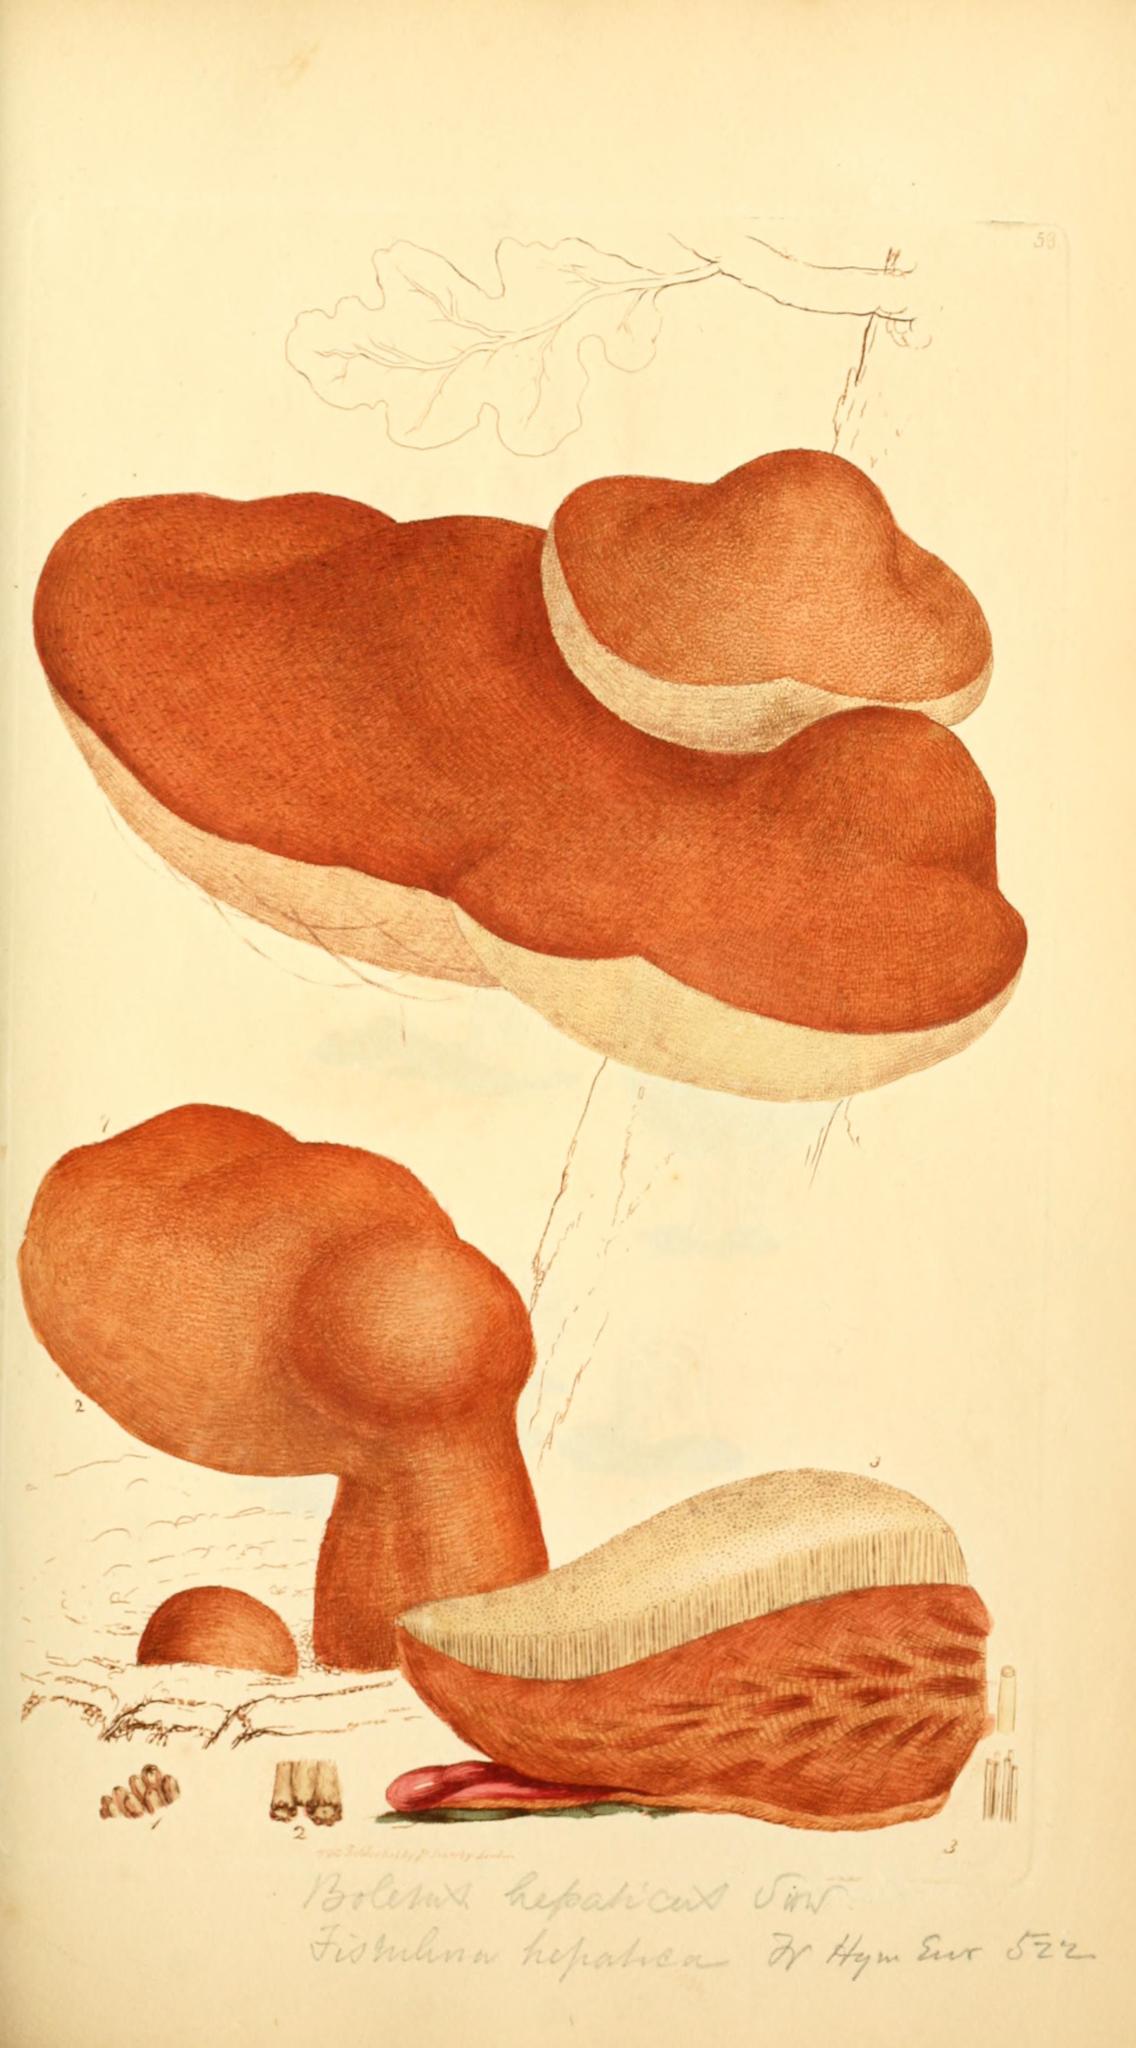 Beefsteak Fungus - The Hall of Einar